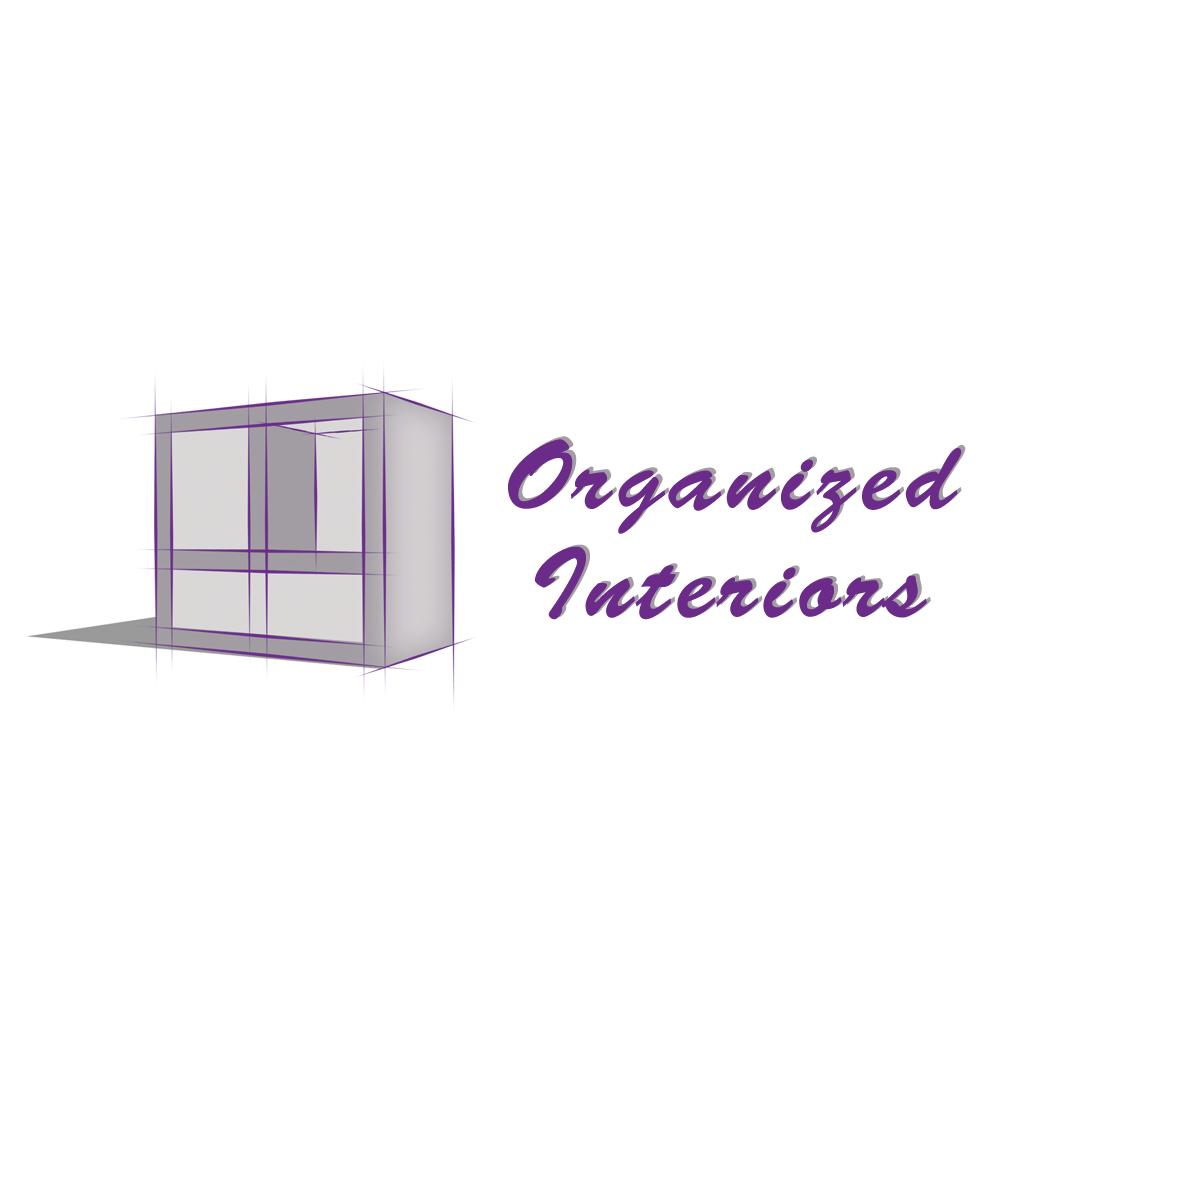 Logo Design by Private User - Entry No. 73 in the Logo Design Contest Imaginative Logo Design for Organized Interiors.